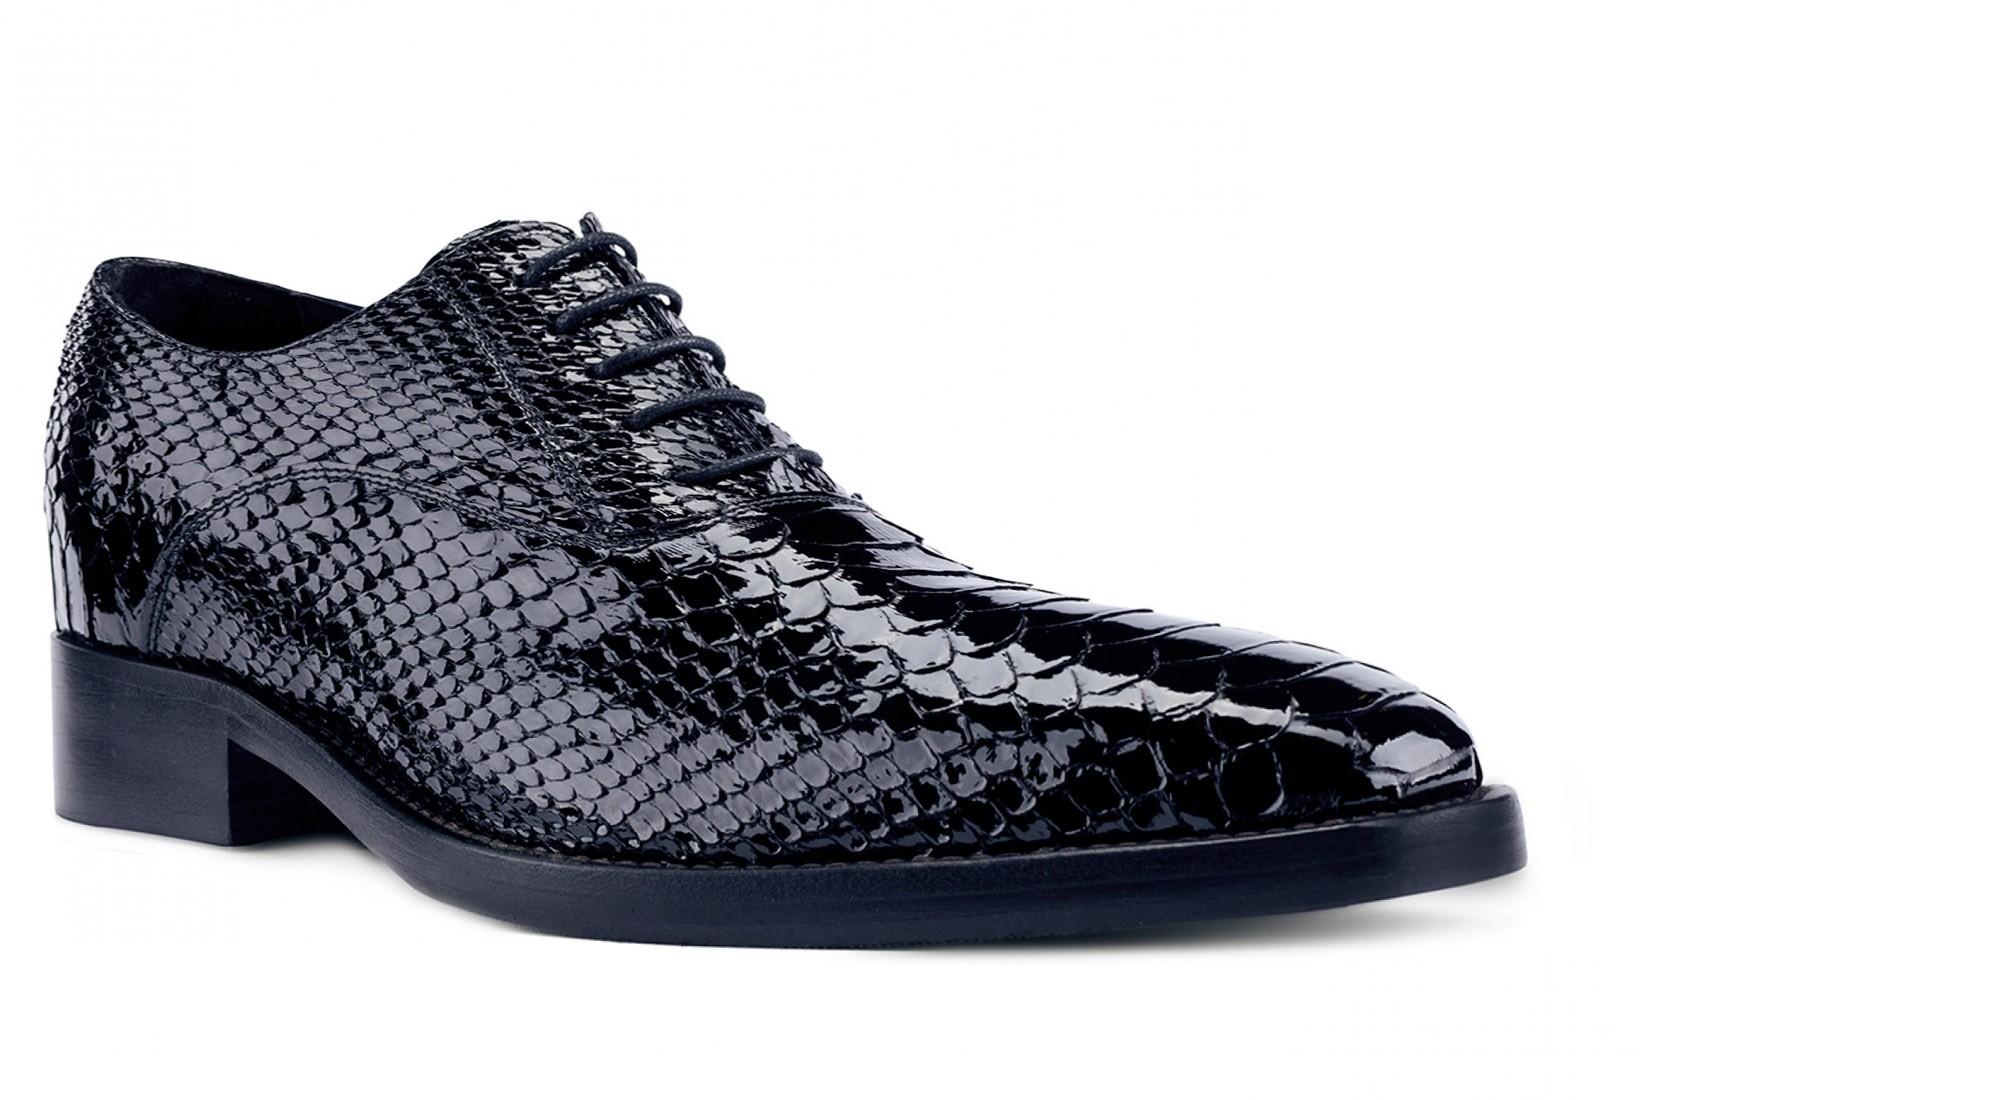 scarpe con rialzo in pelle esotica